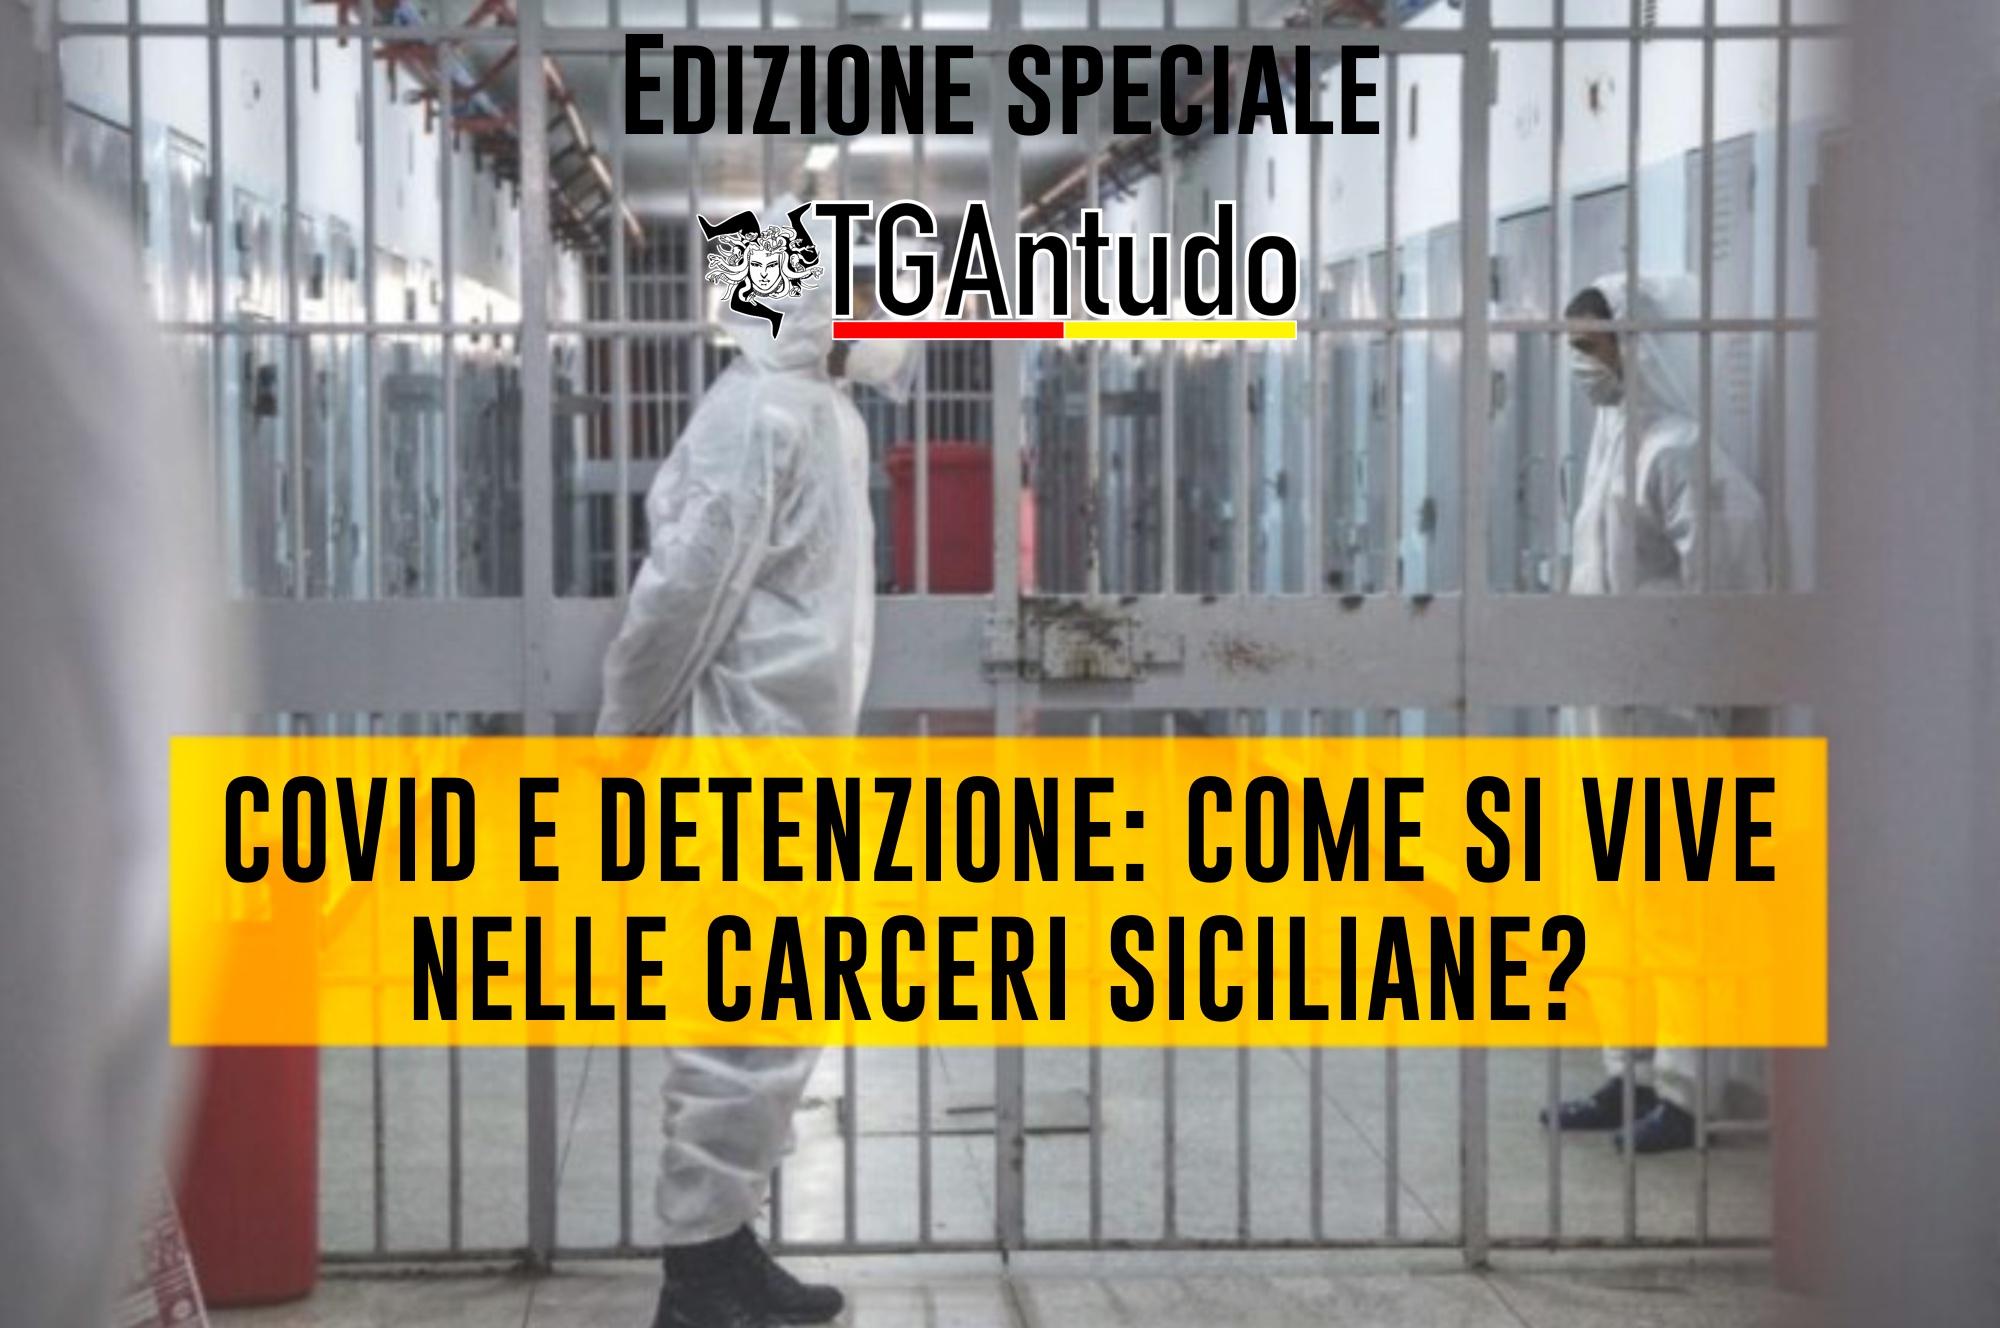 TGAntudo – Covid e detenzione: come si vive nelle carceri siciliane?